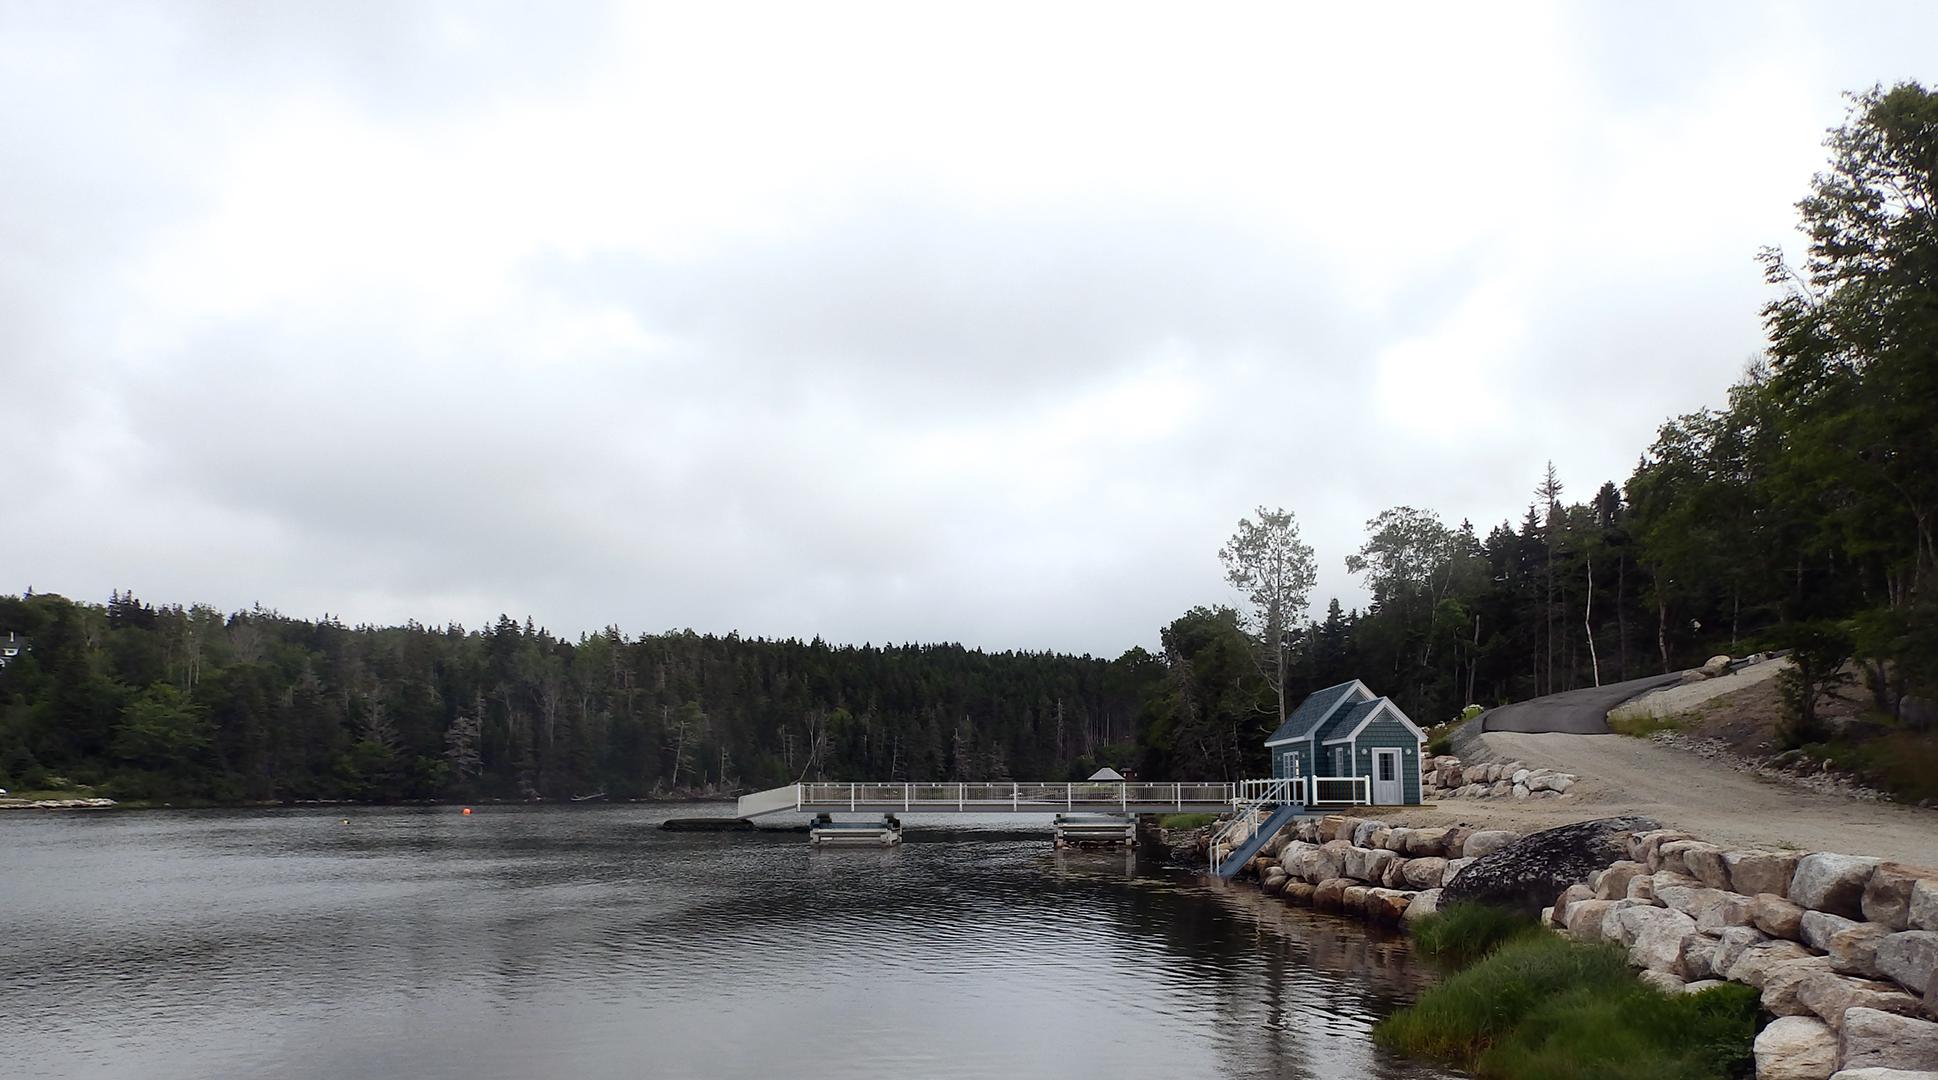 Wharf / Boat House